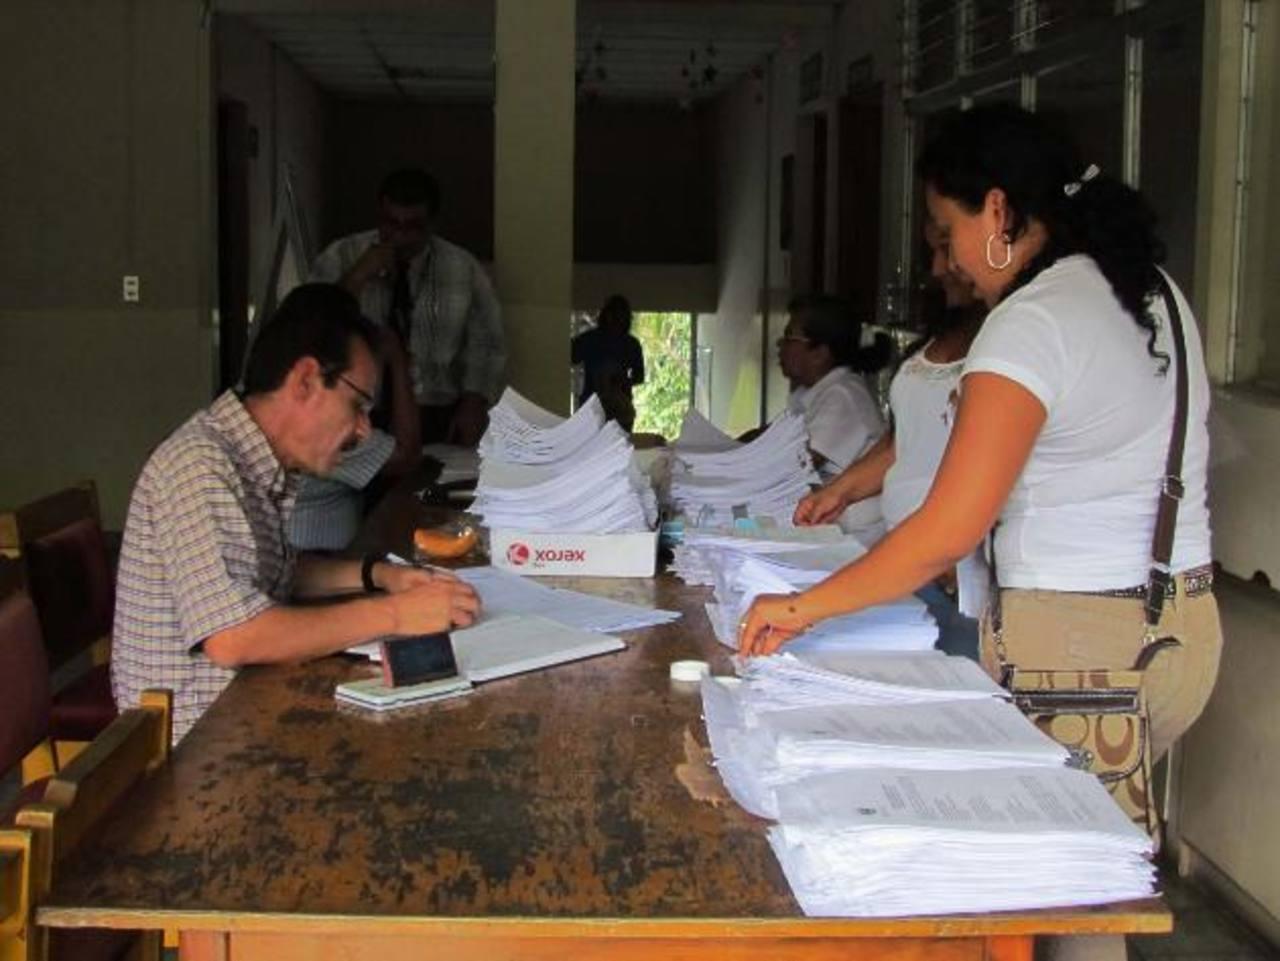 Trabajo de planificación de docentes fue afectado ayer. foto edh / MAURICIO GUEVARA